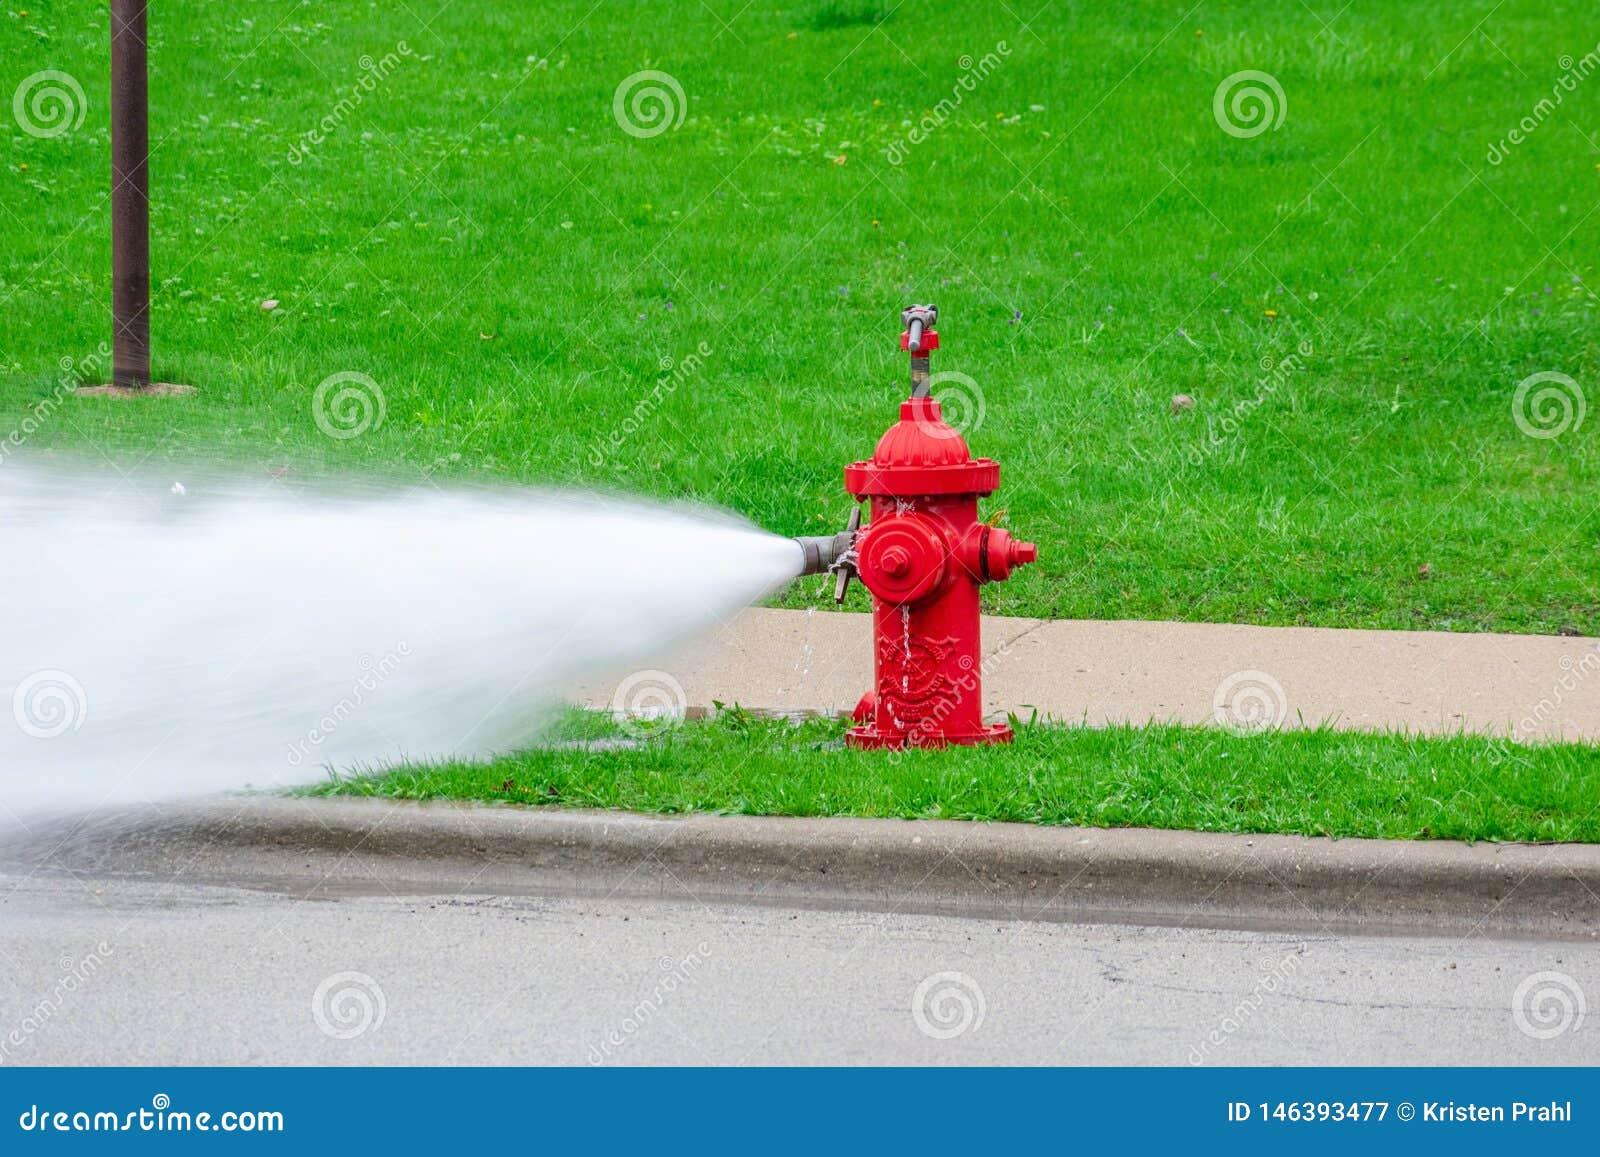 Красный будучи потопленным пожарный гидрант